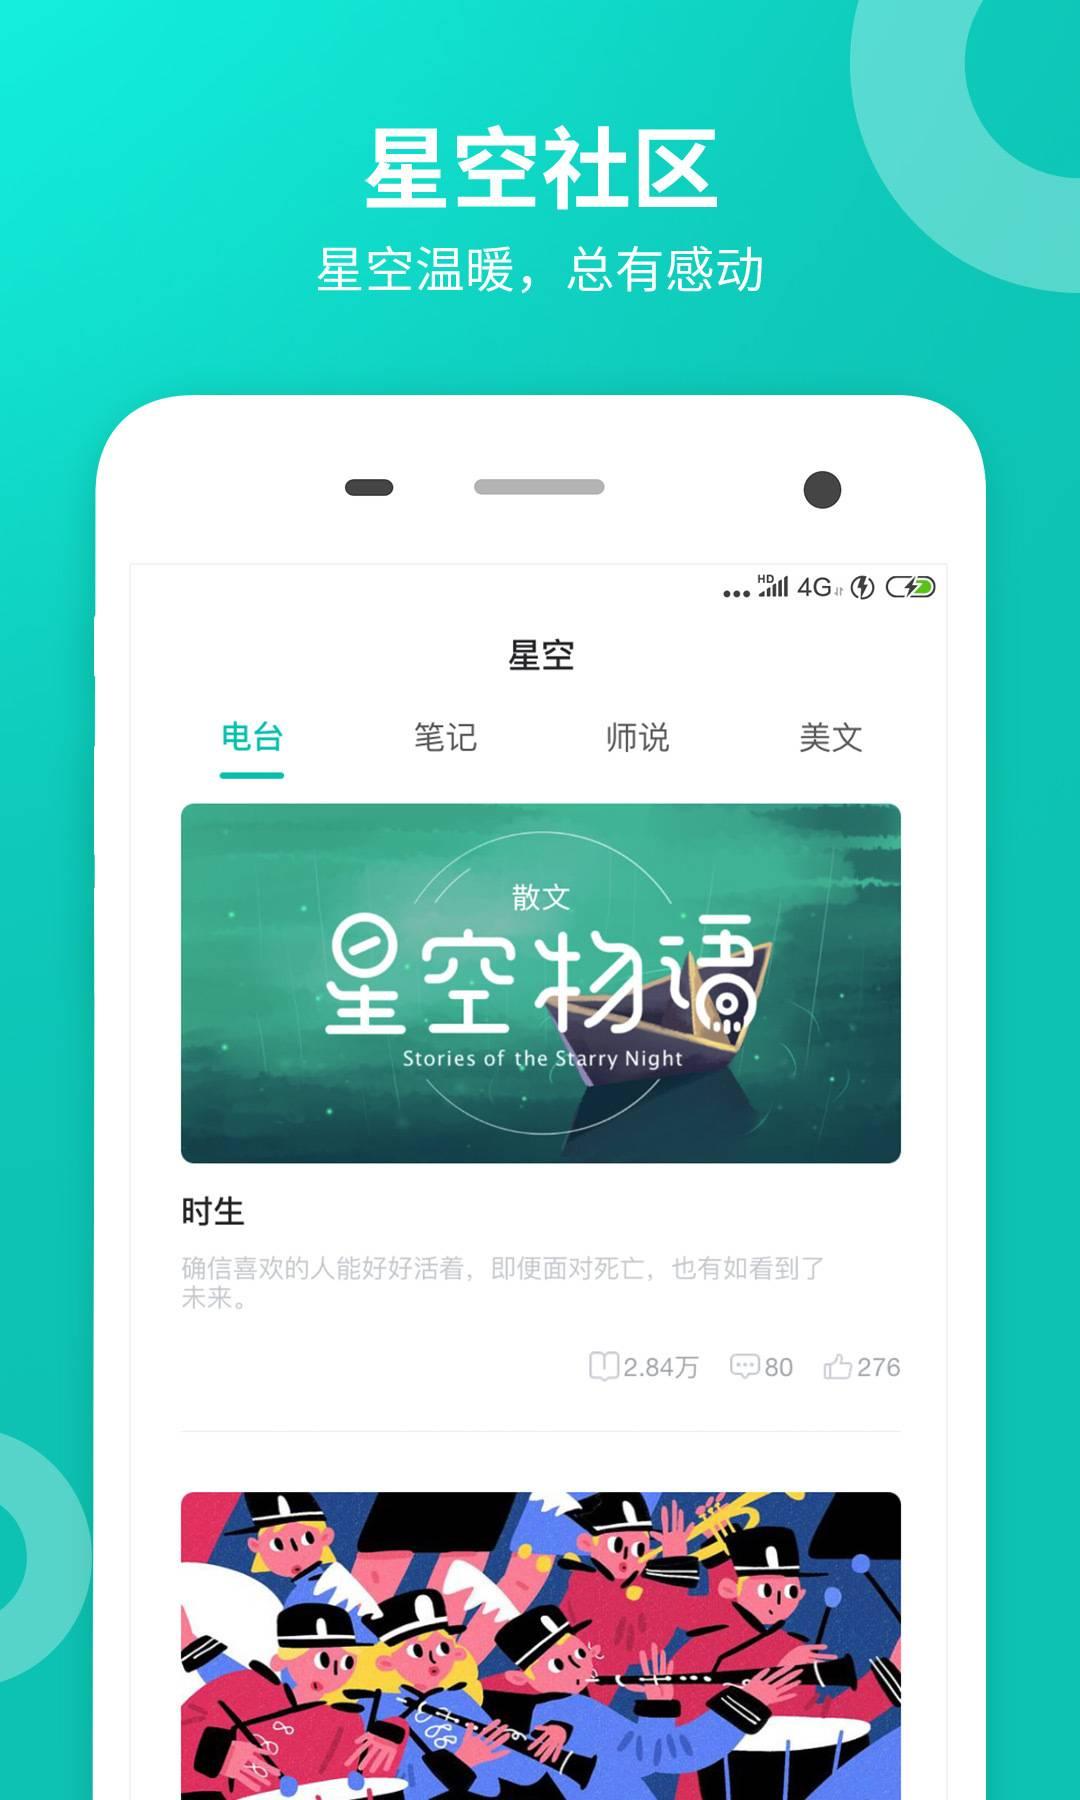 2019zhixuecom查分登陆口安卓版截图